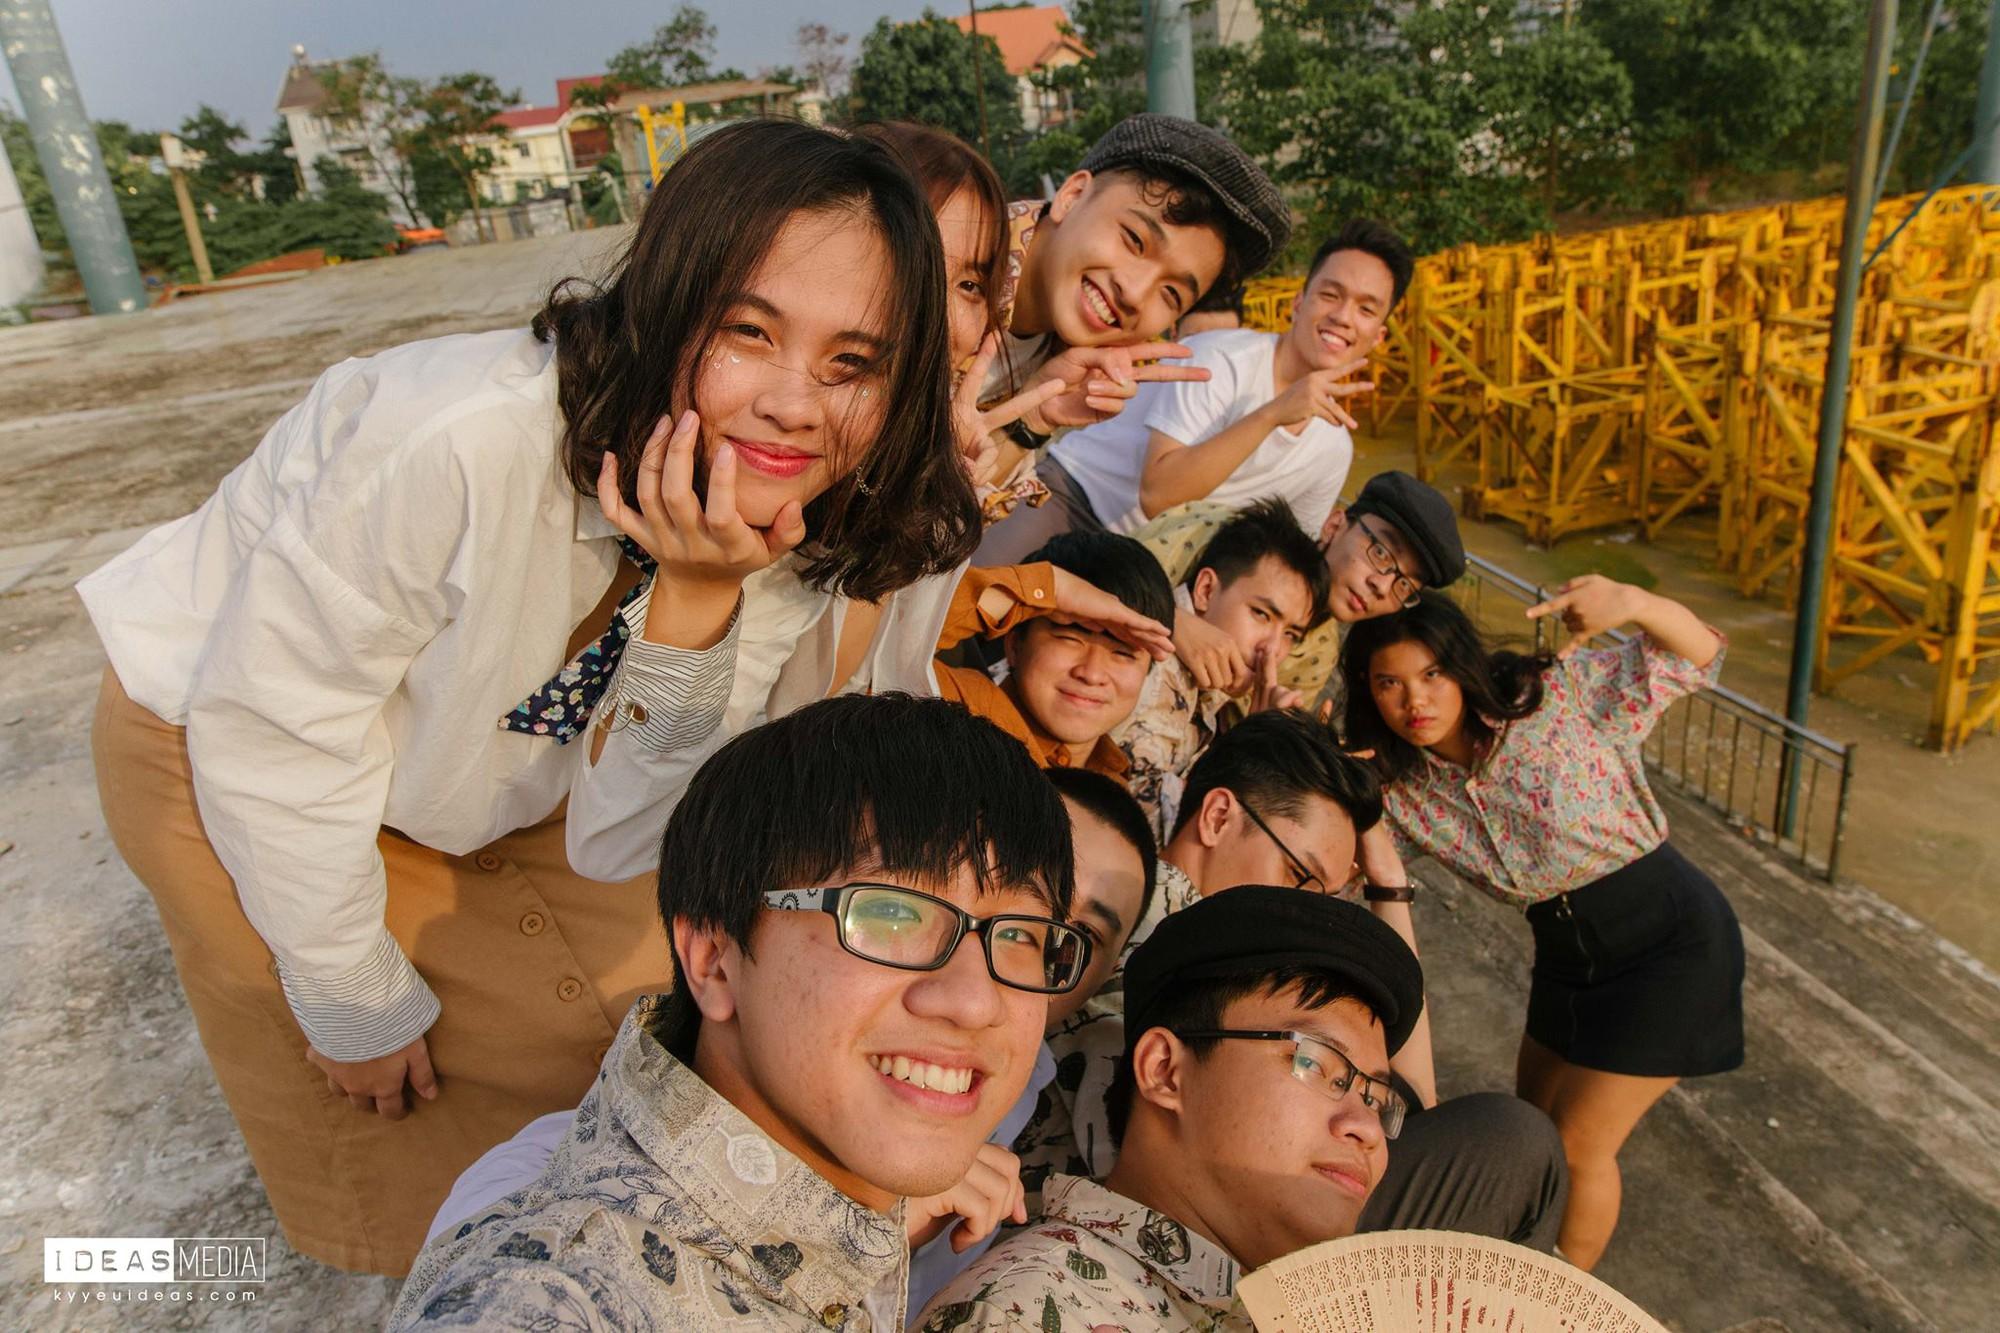 HS trường Trưng Vương Sài Gòn chụp ảnh kỷ yếu theo phong cách Phía trước là bầu trời - Ảnh 7.